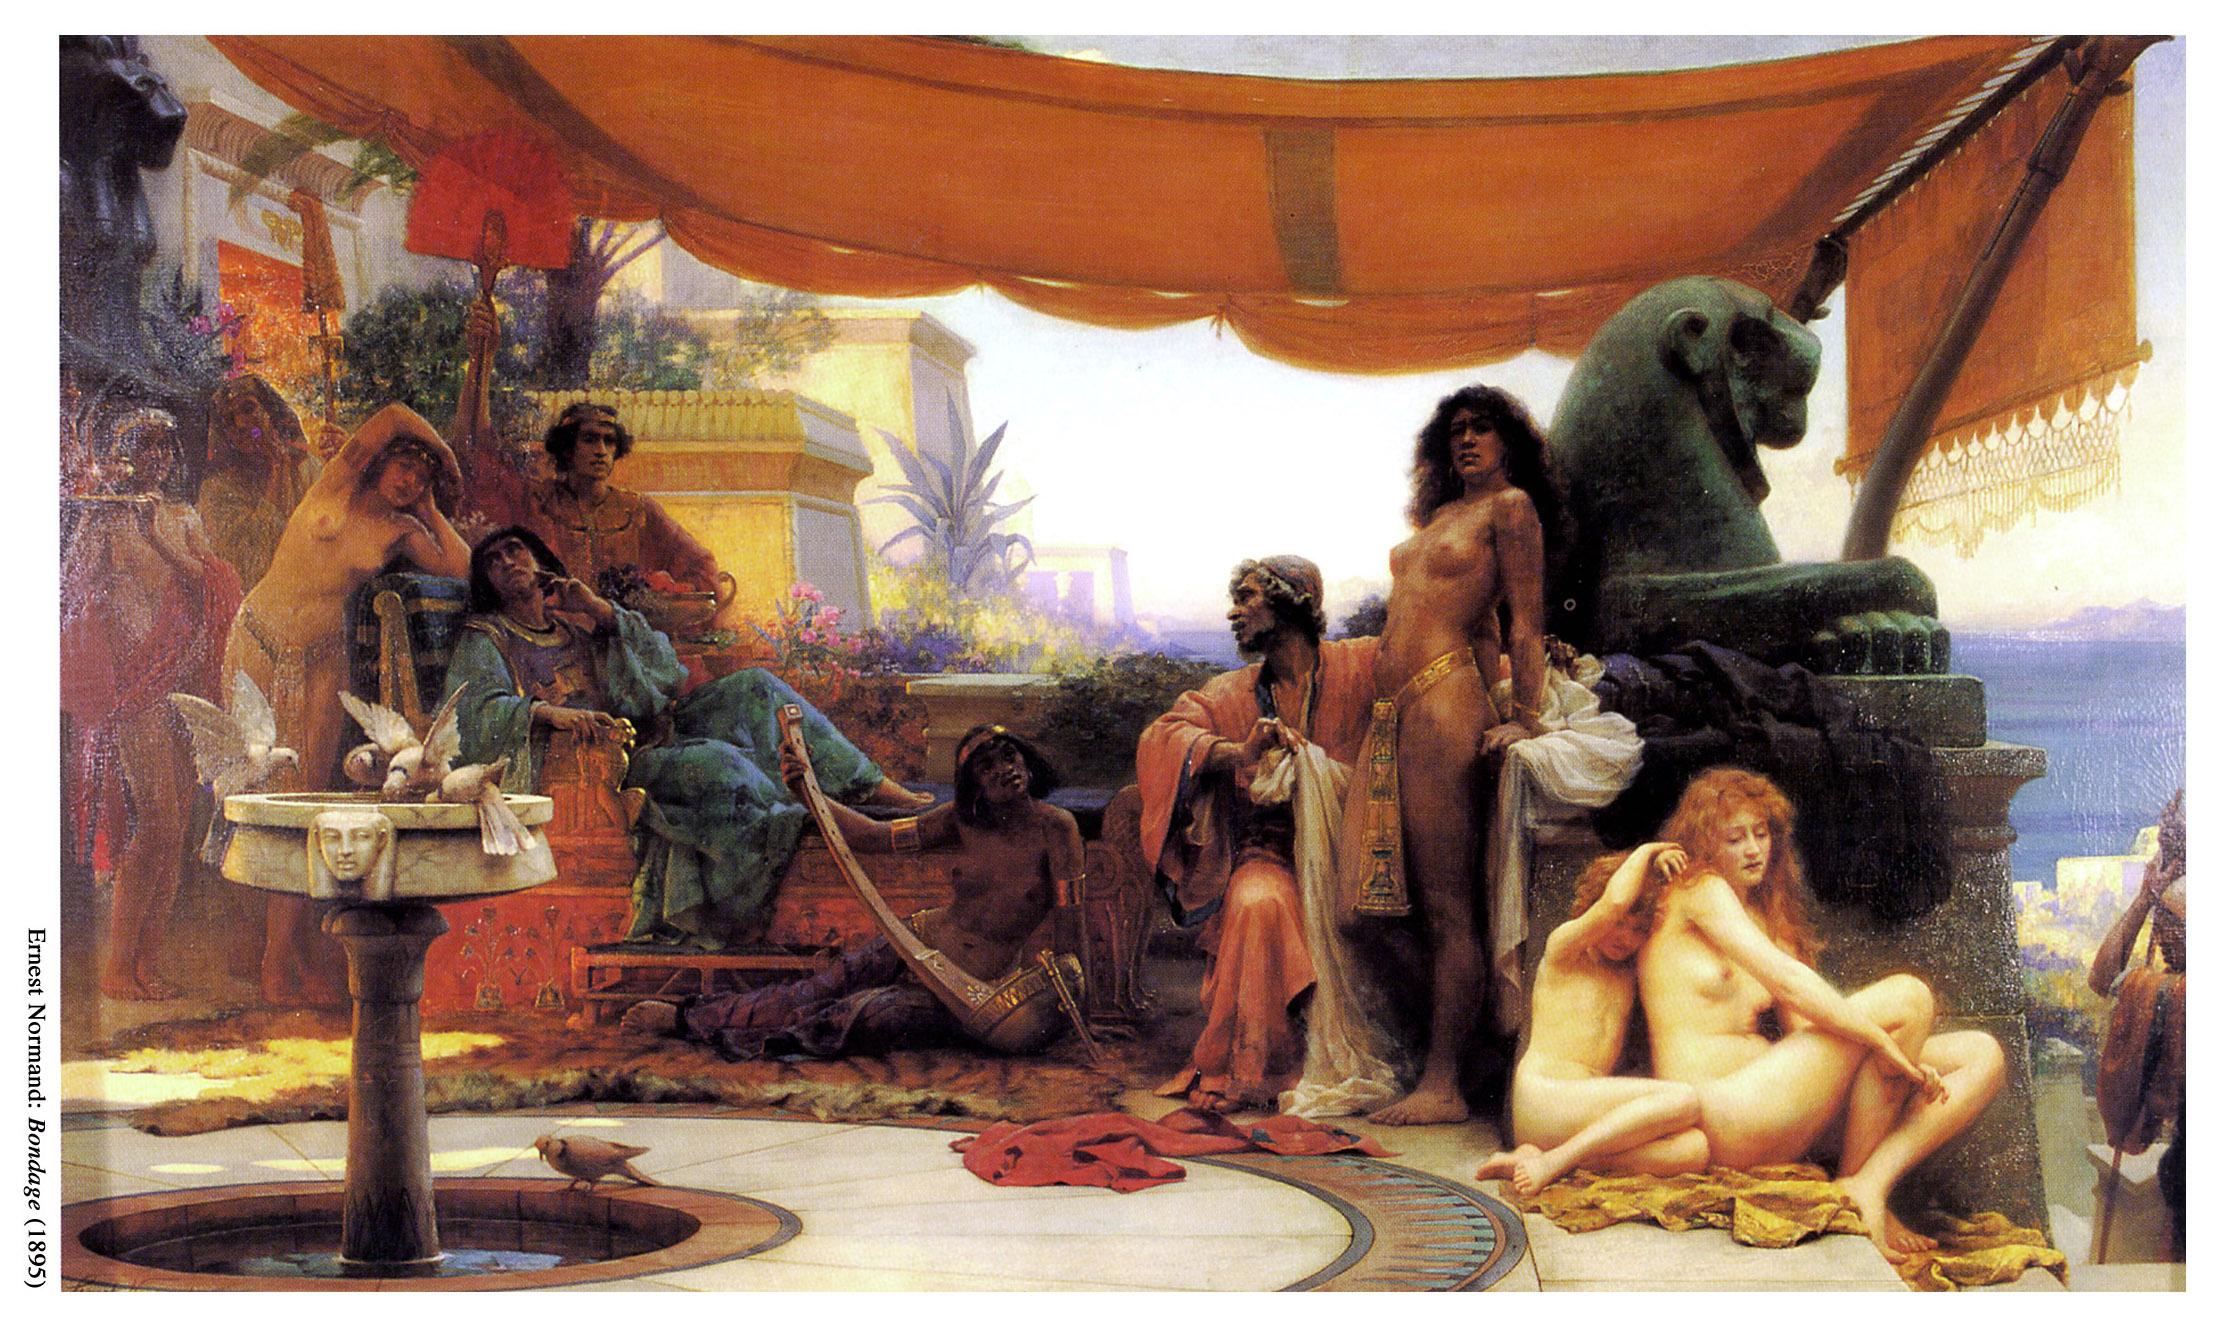 Сексуальное рабство в картинках 19 фотография